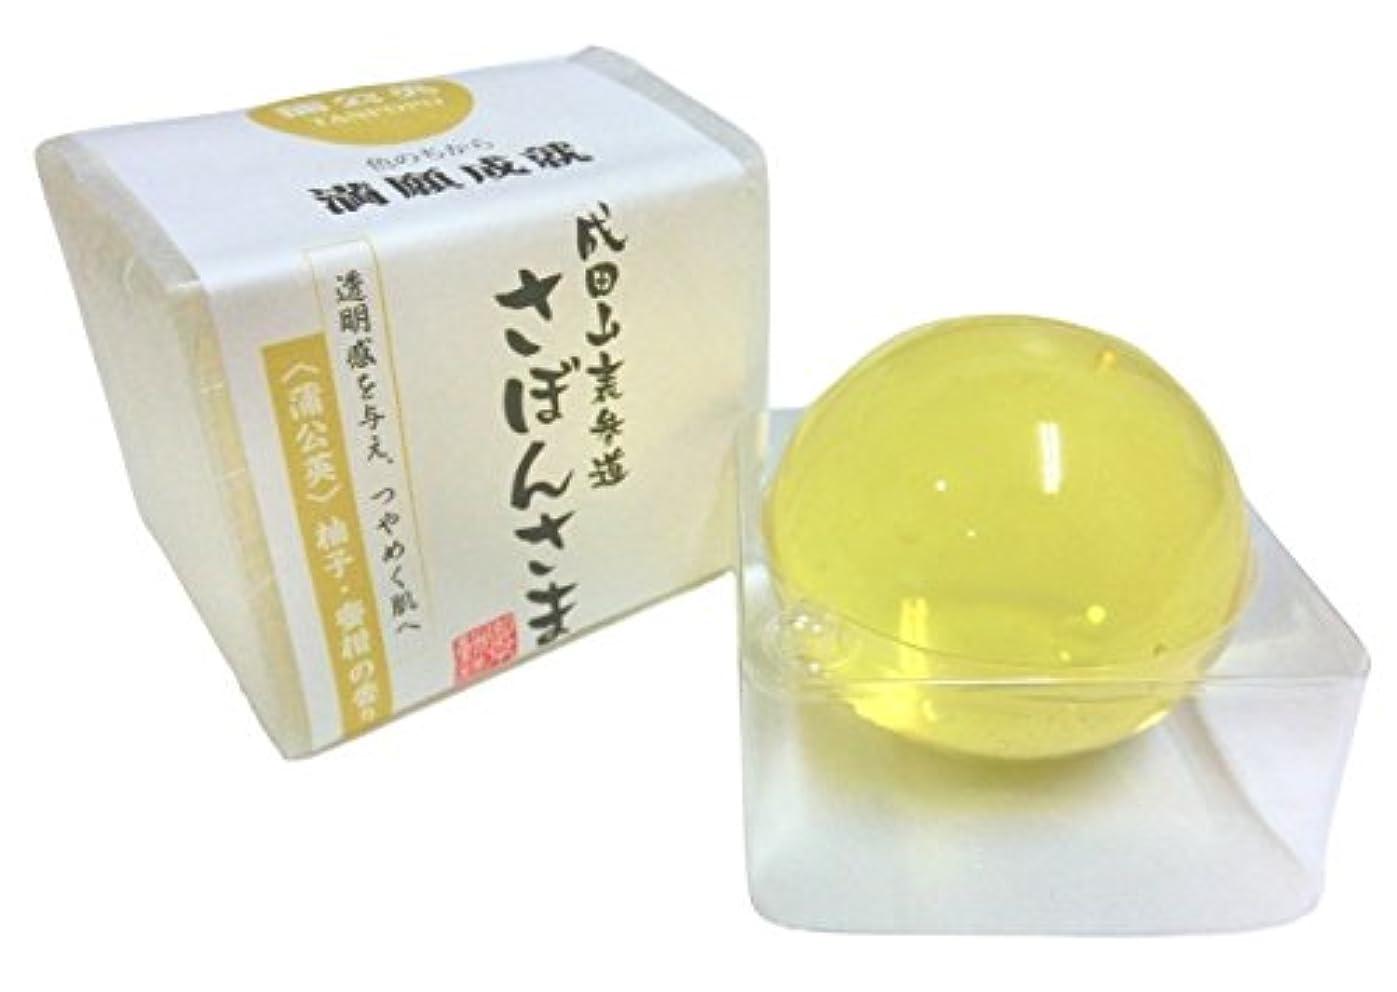 とげ余韻窒素成田山表参道 さぼんさま〈蒲公英〉柚子?密柑の香り 100g